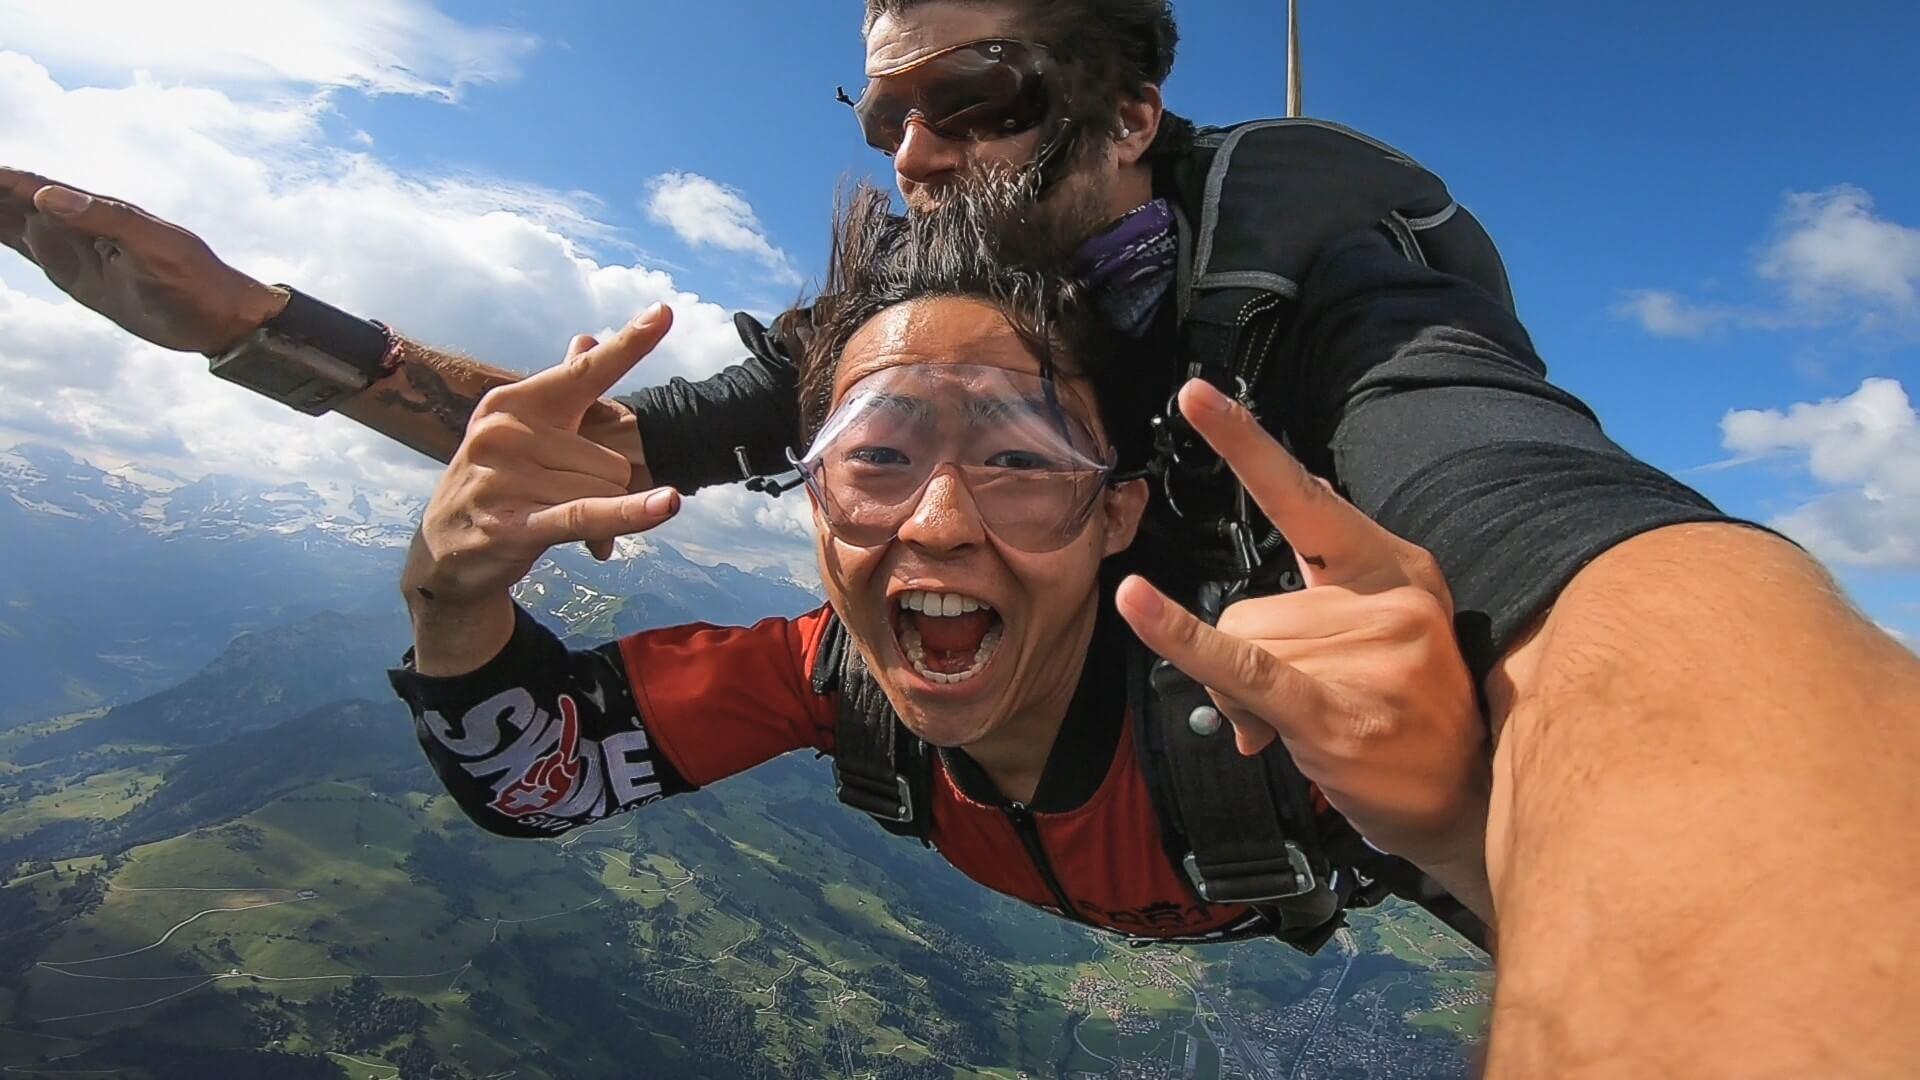 skydive-switzerland-sprung-sommer